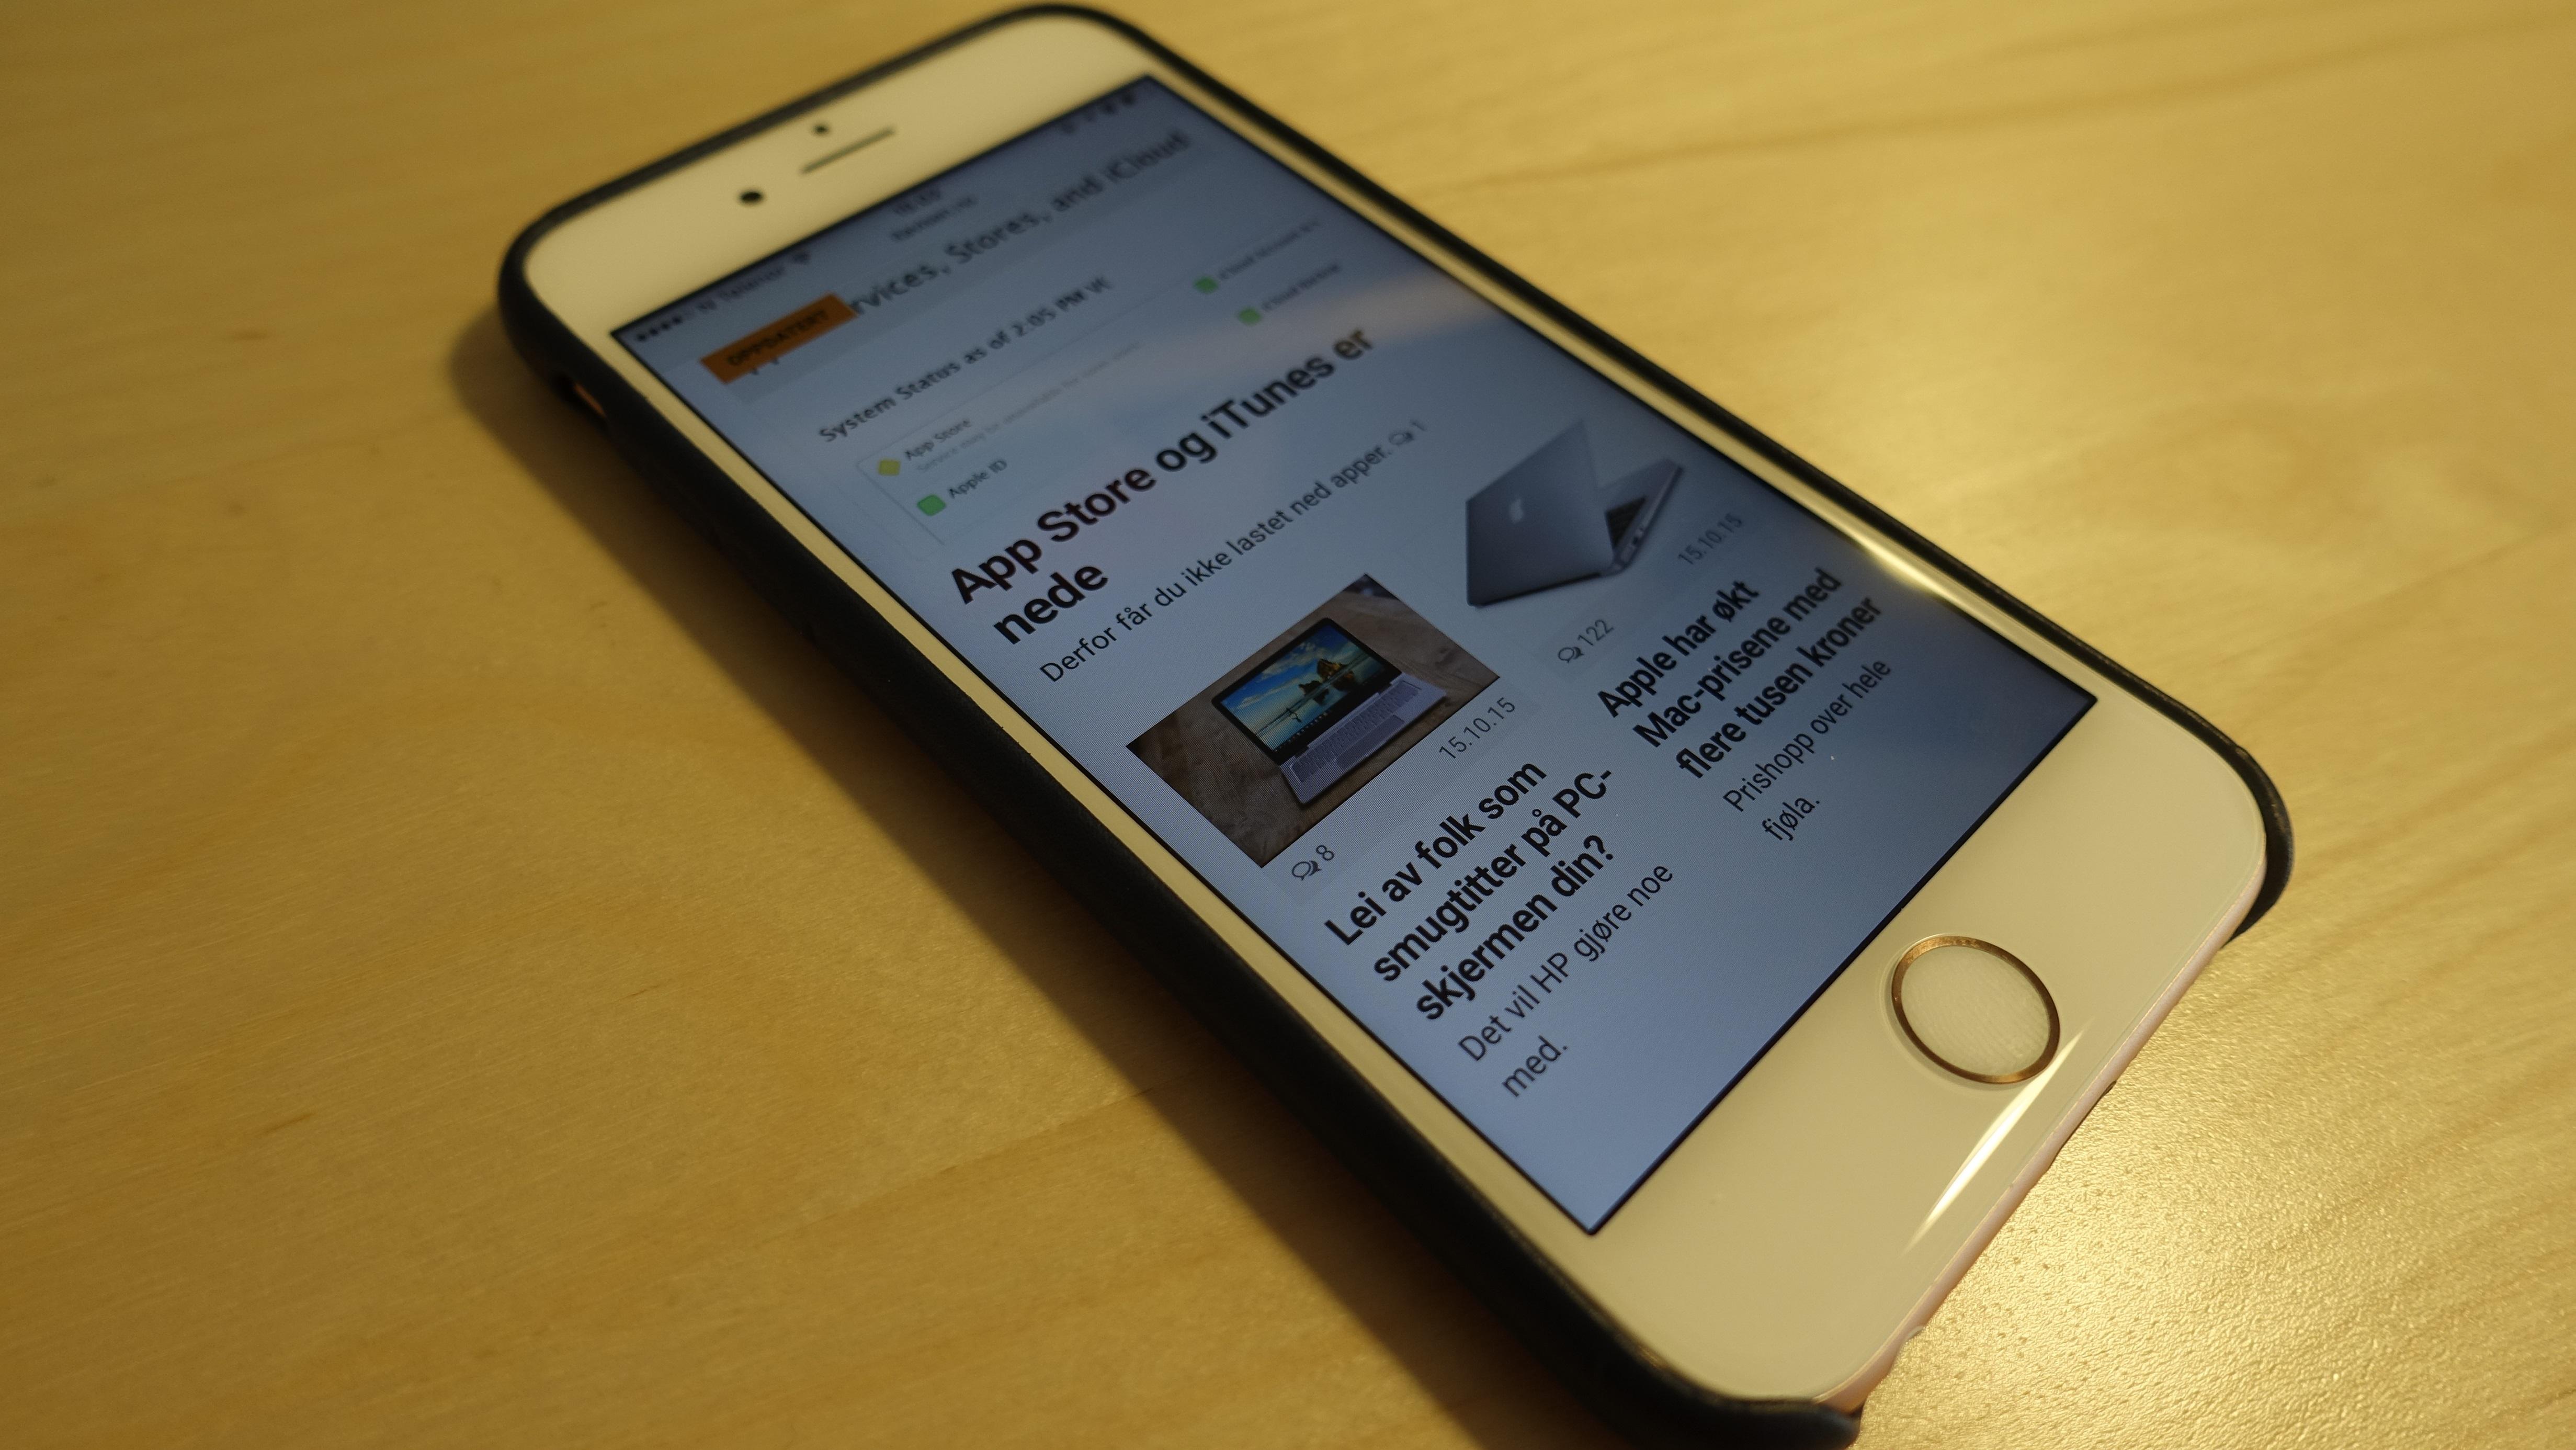 Du får fortsatt høy fart på 4G med iPhone 6s, men du får ikke den raskeste.